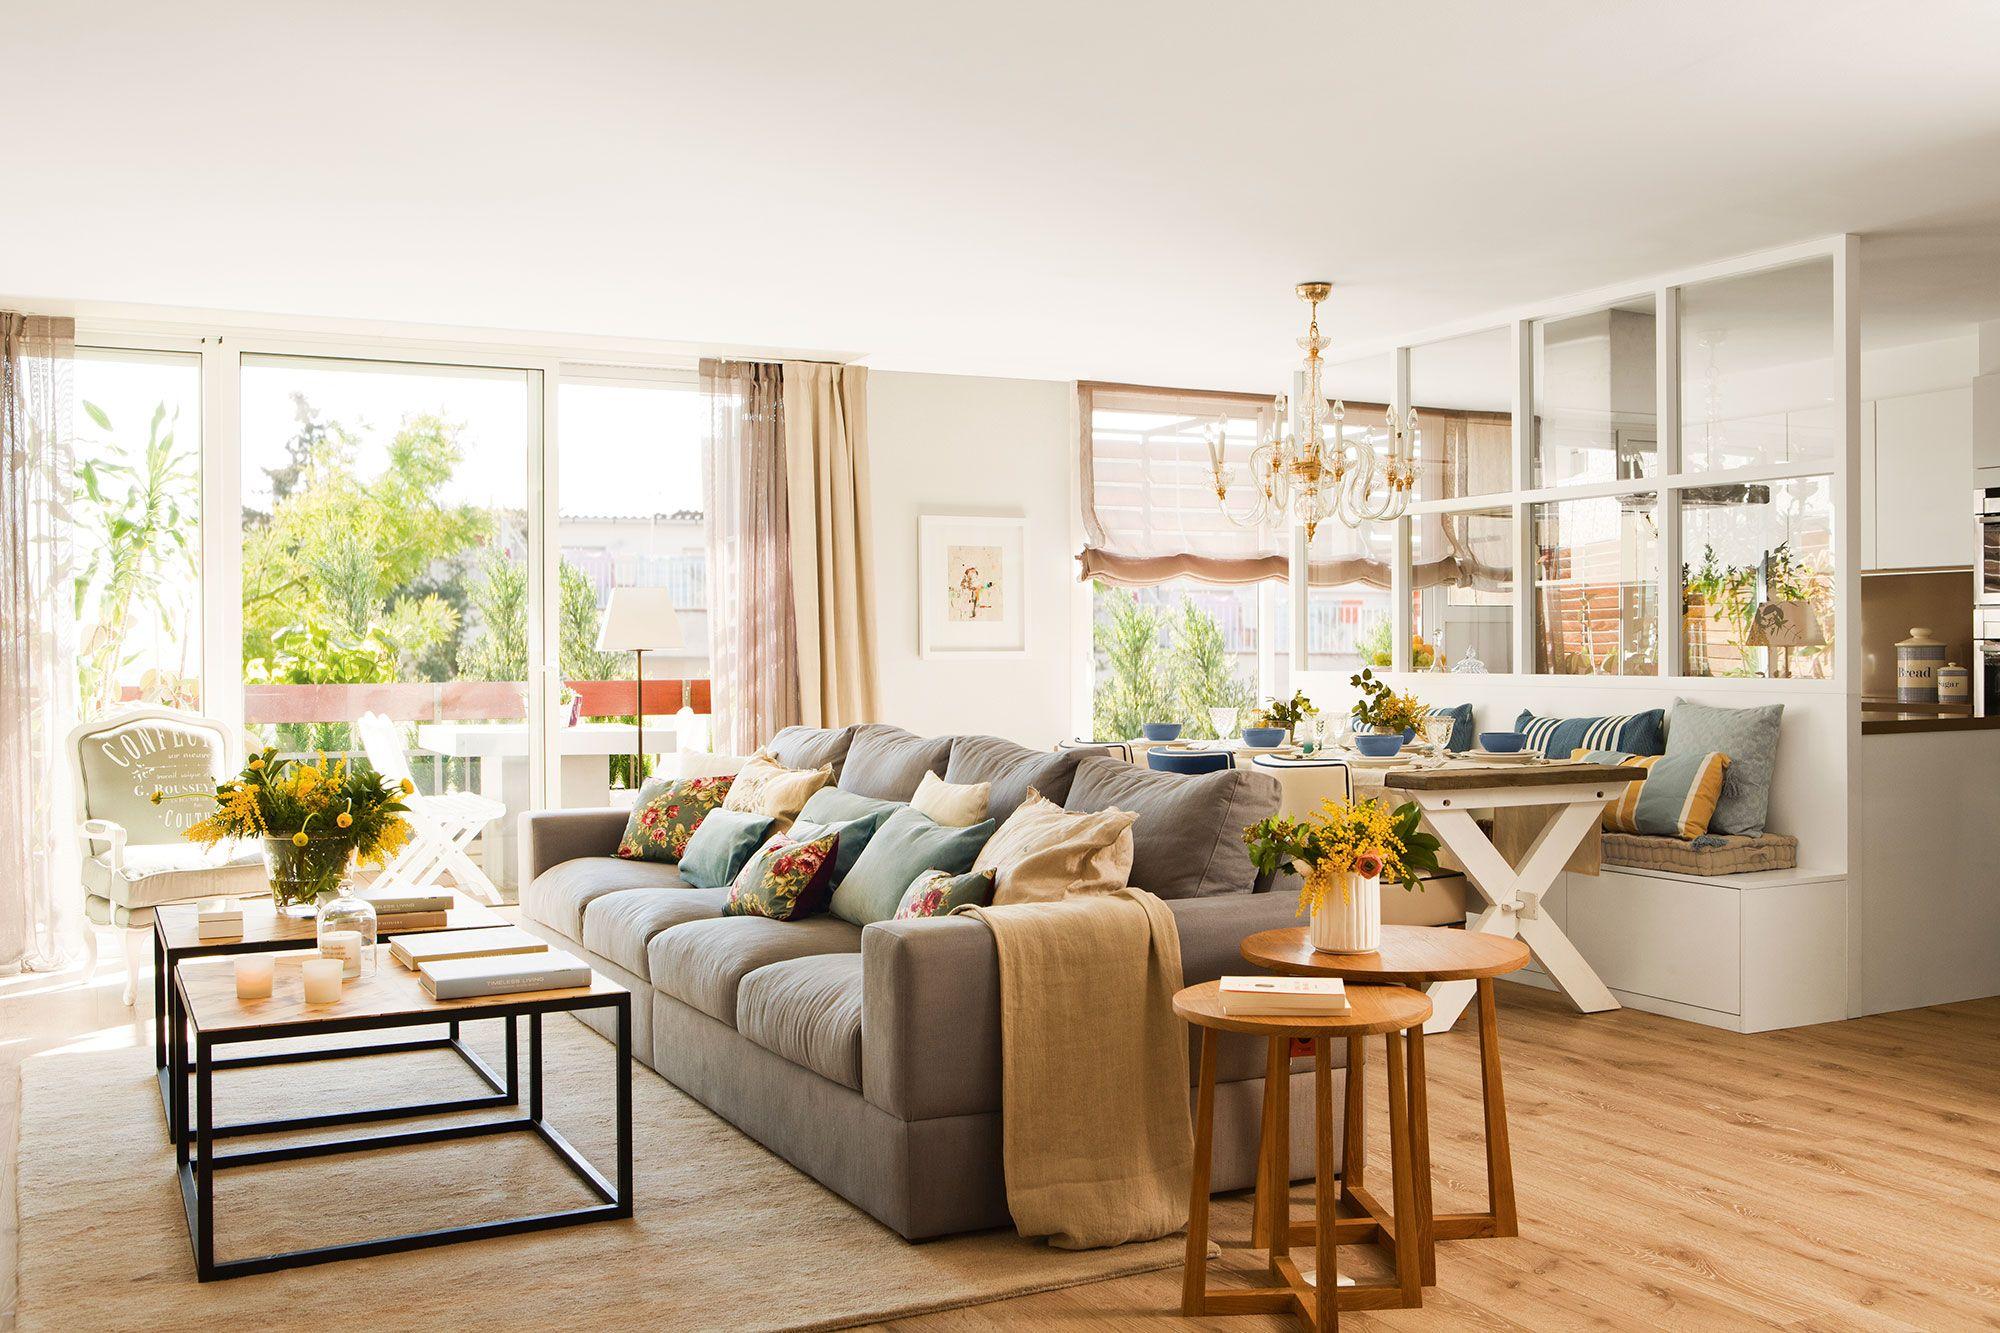 Tres en raya salones modernos y acogedores cocina - Comedor salon moderno ...